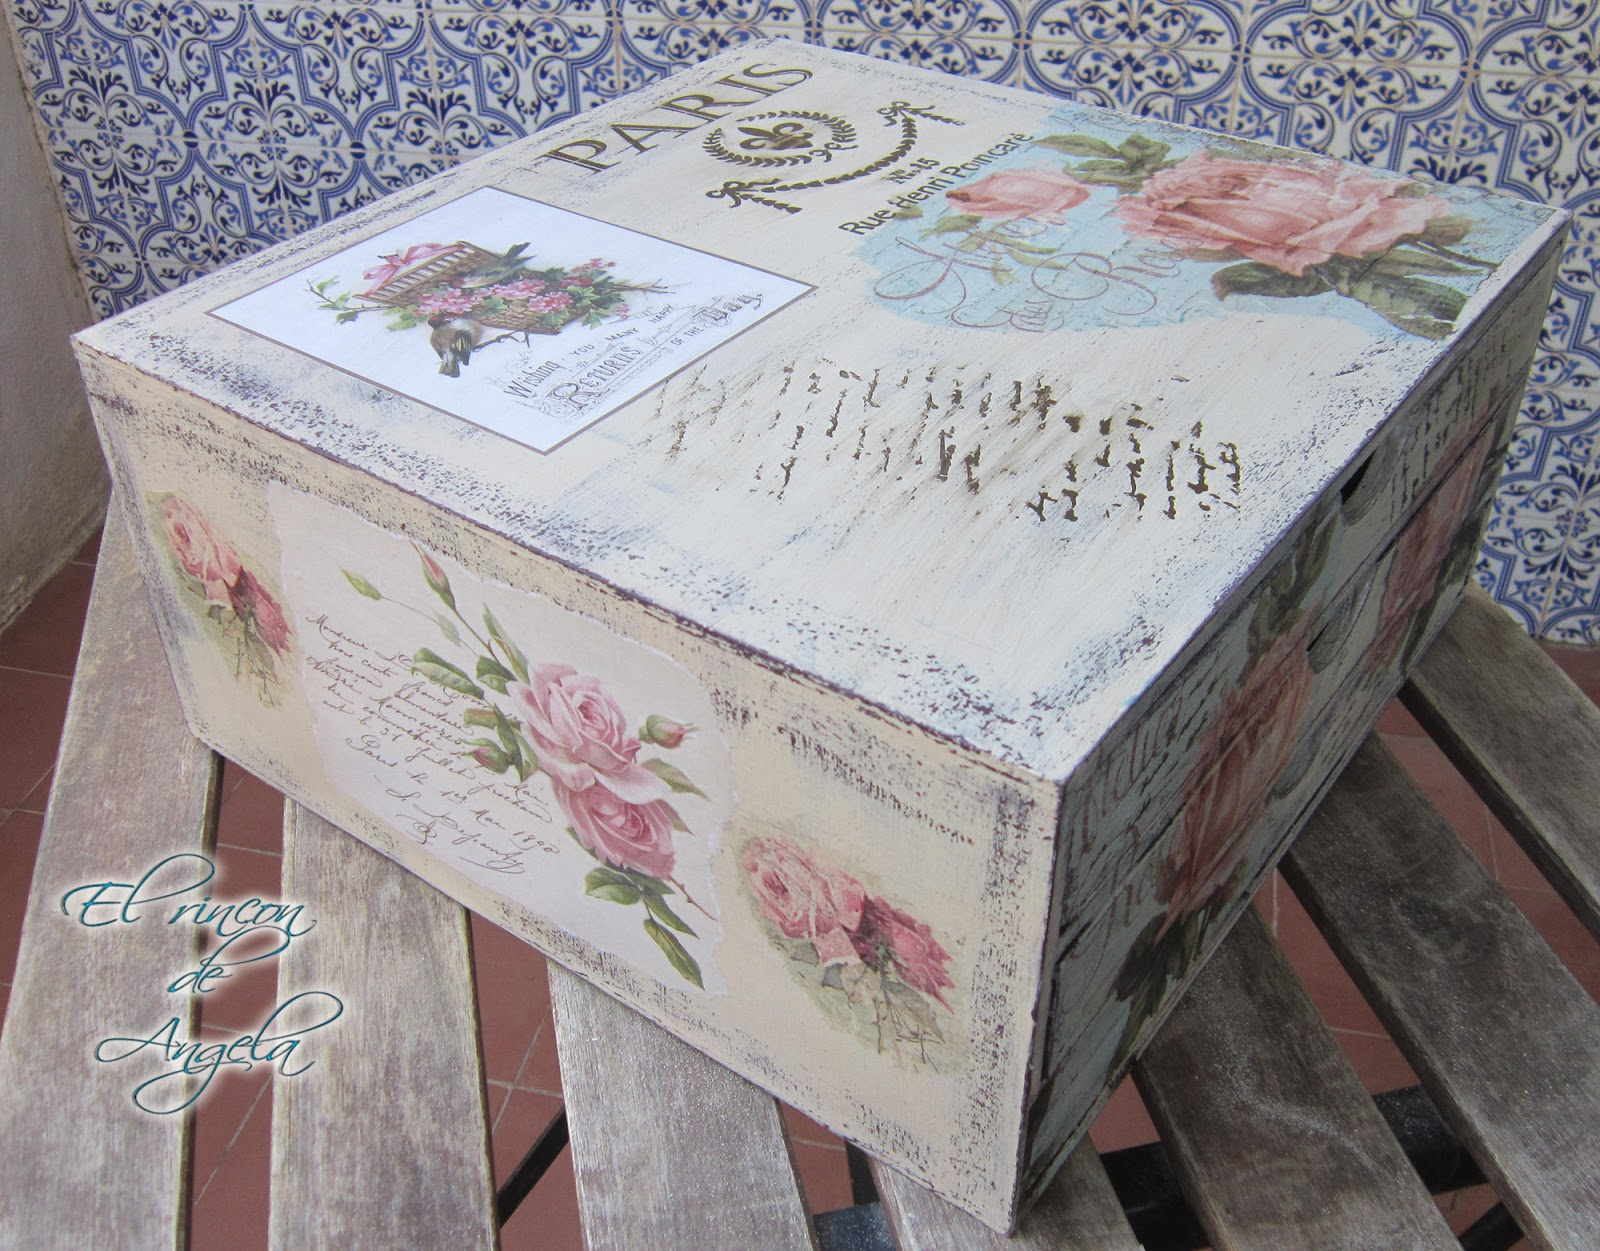 El rincon de angela como reciclar un mueble de madera con decapado y decoupage reciclar muebles - Como reciclar muebles ...